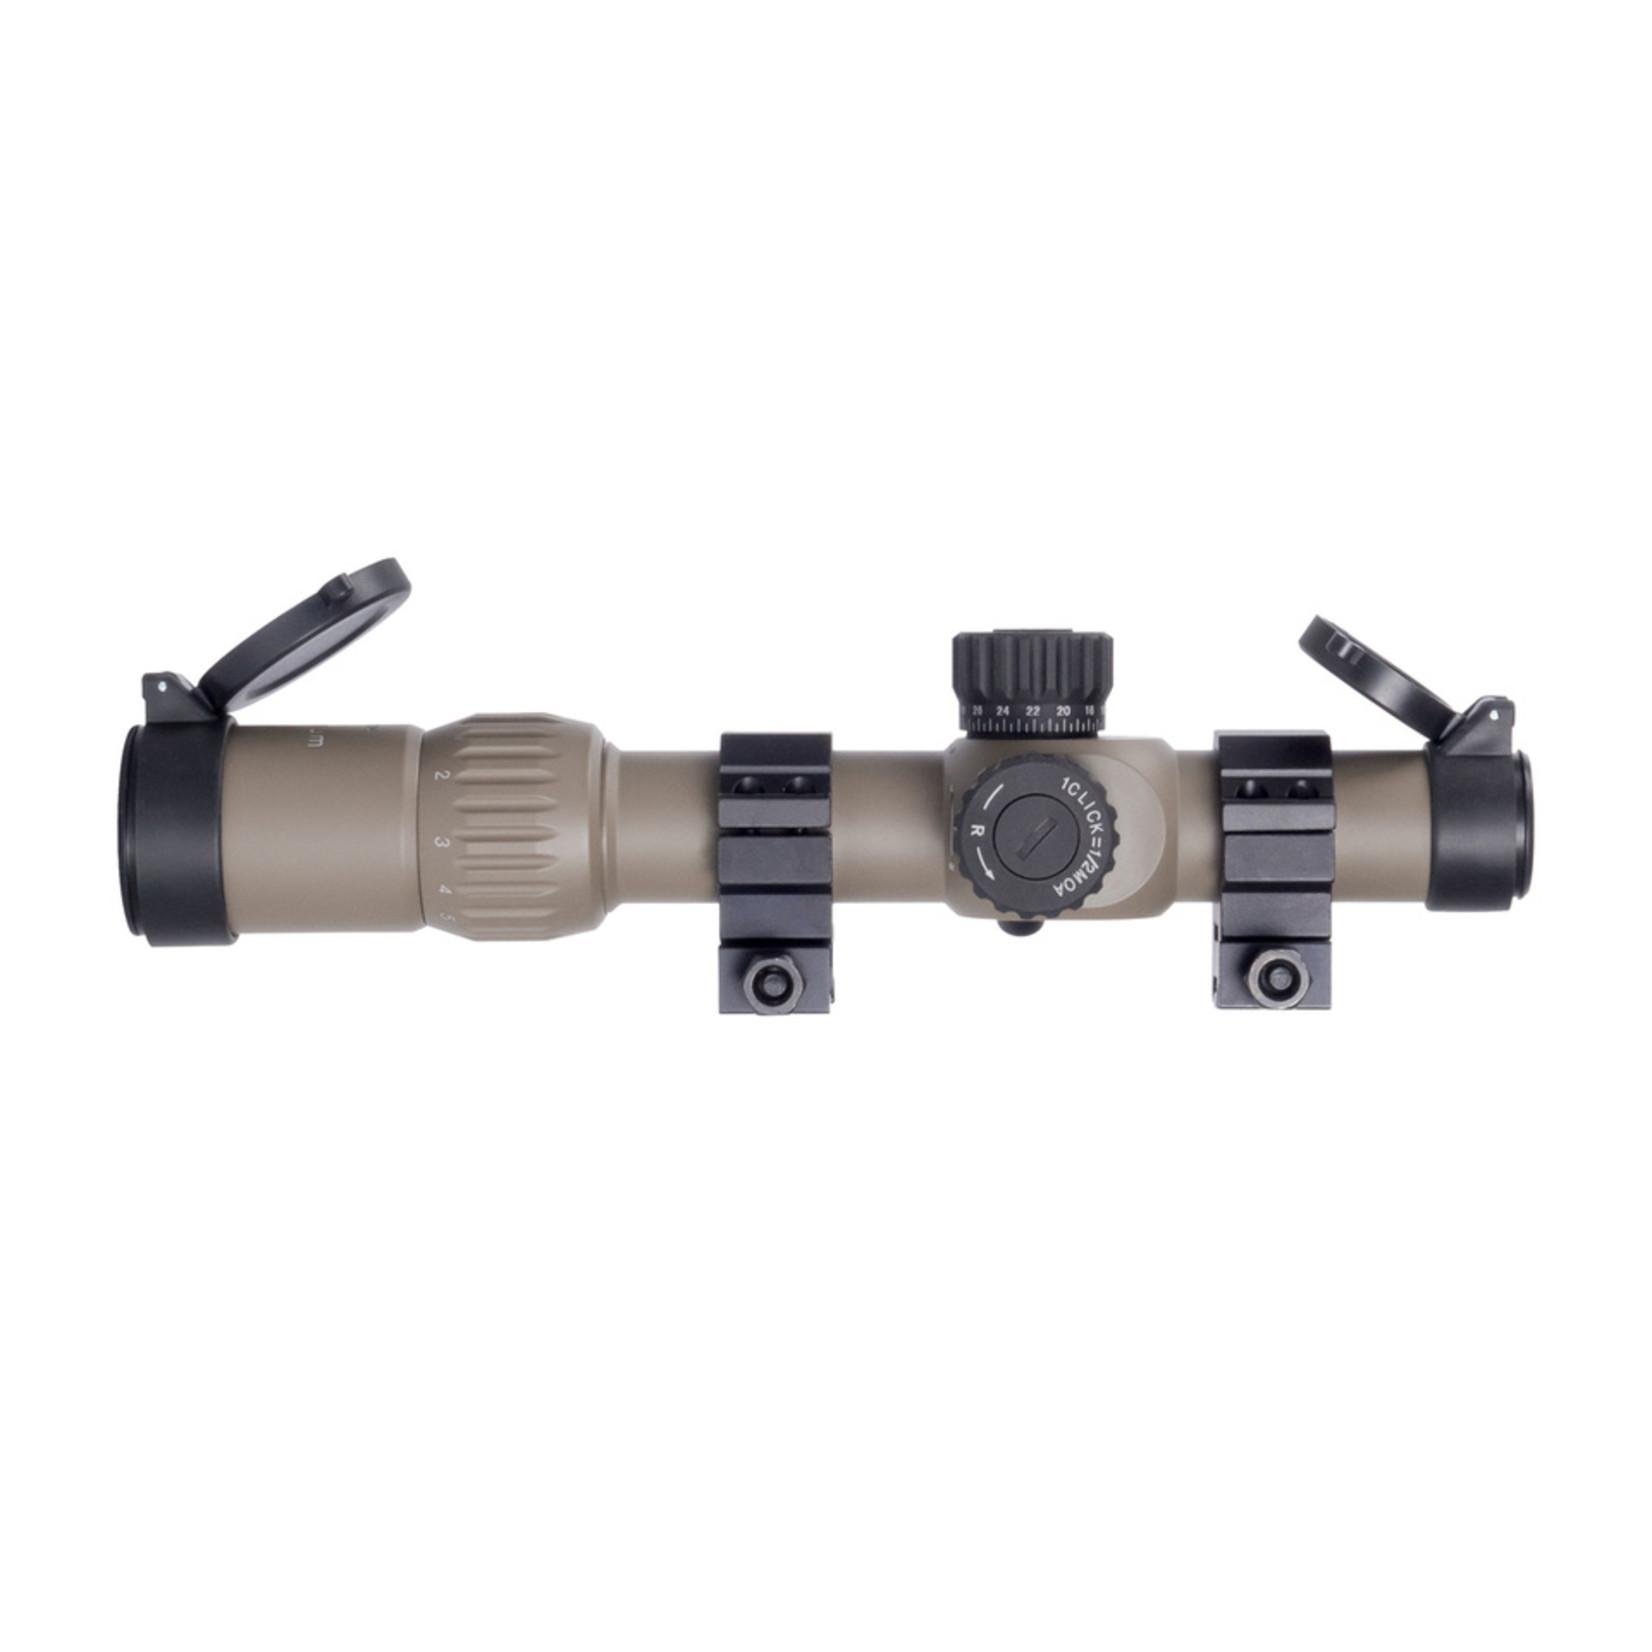 Monstrum Tactical Monstrum G3 1-6x24 FFP Rifle Scope (FDE)